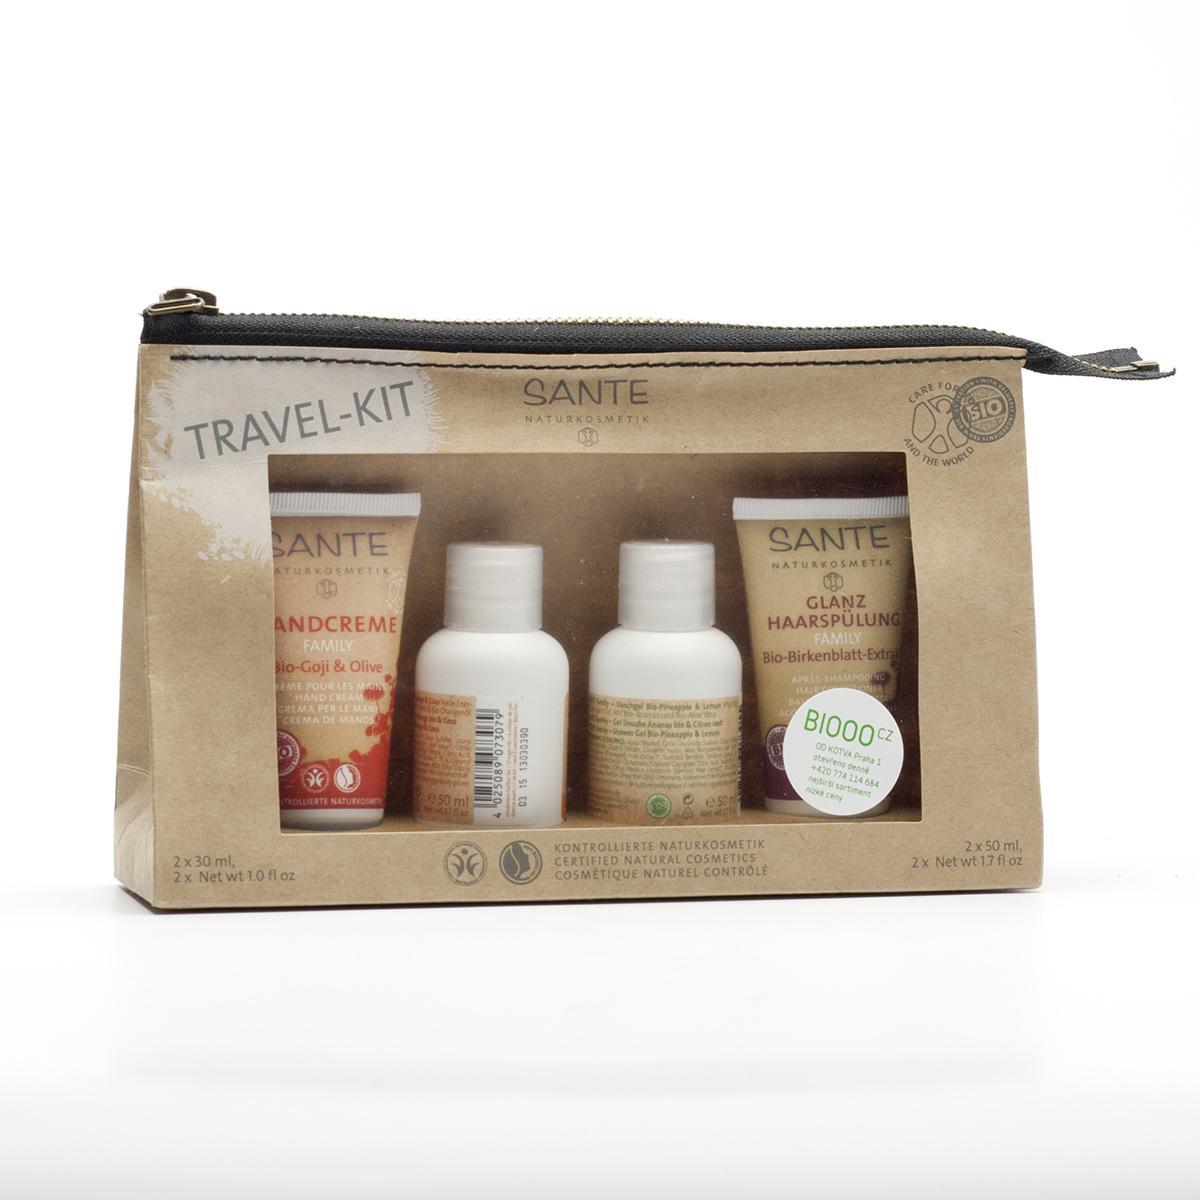 Santé Cestovní či dárková sada, Travel Kit 4 ks